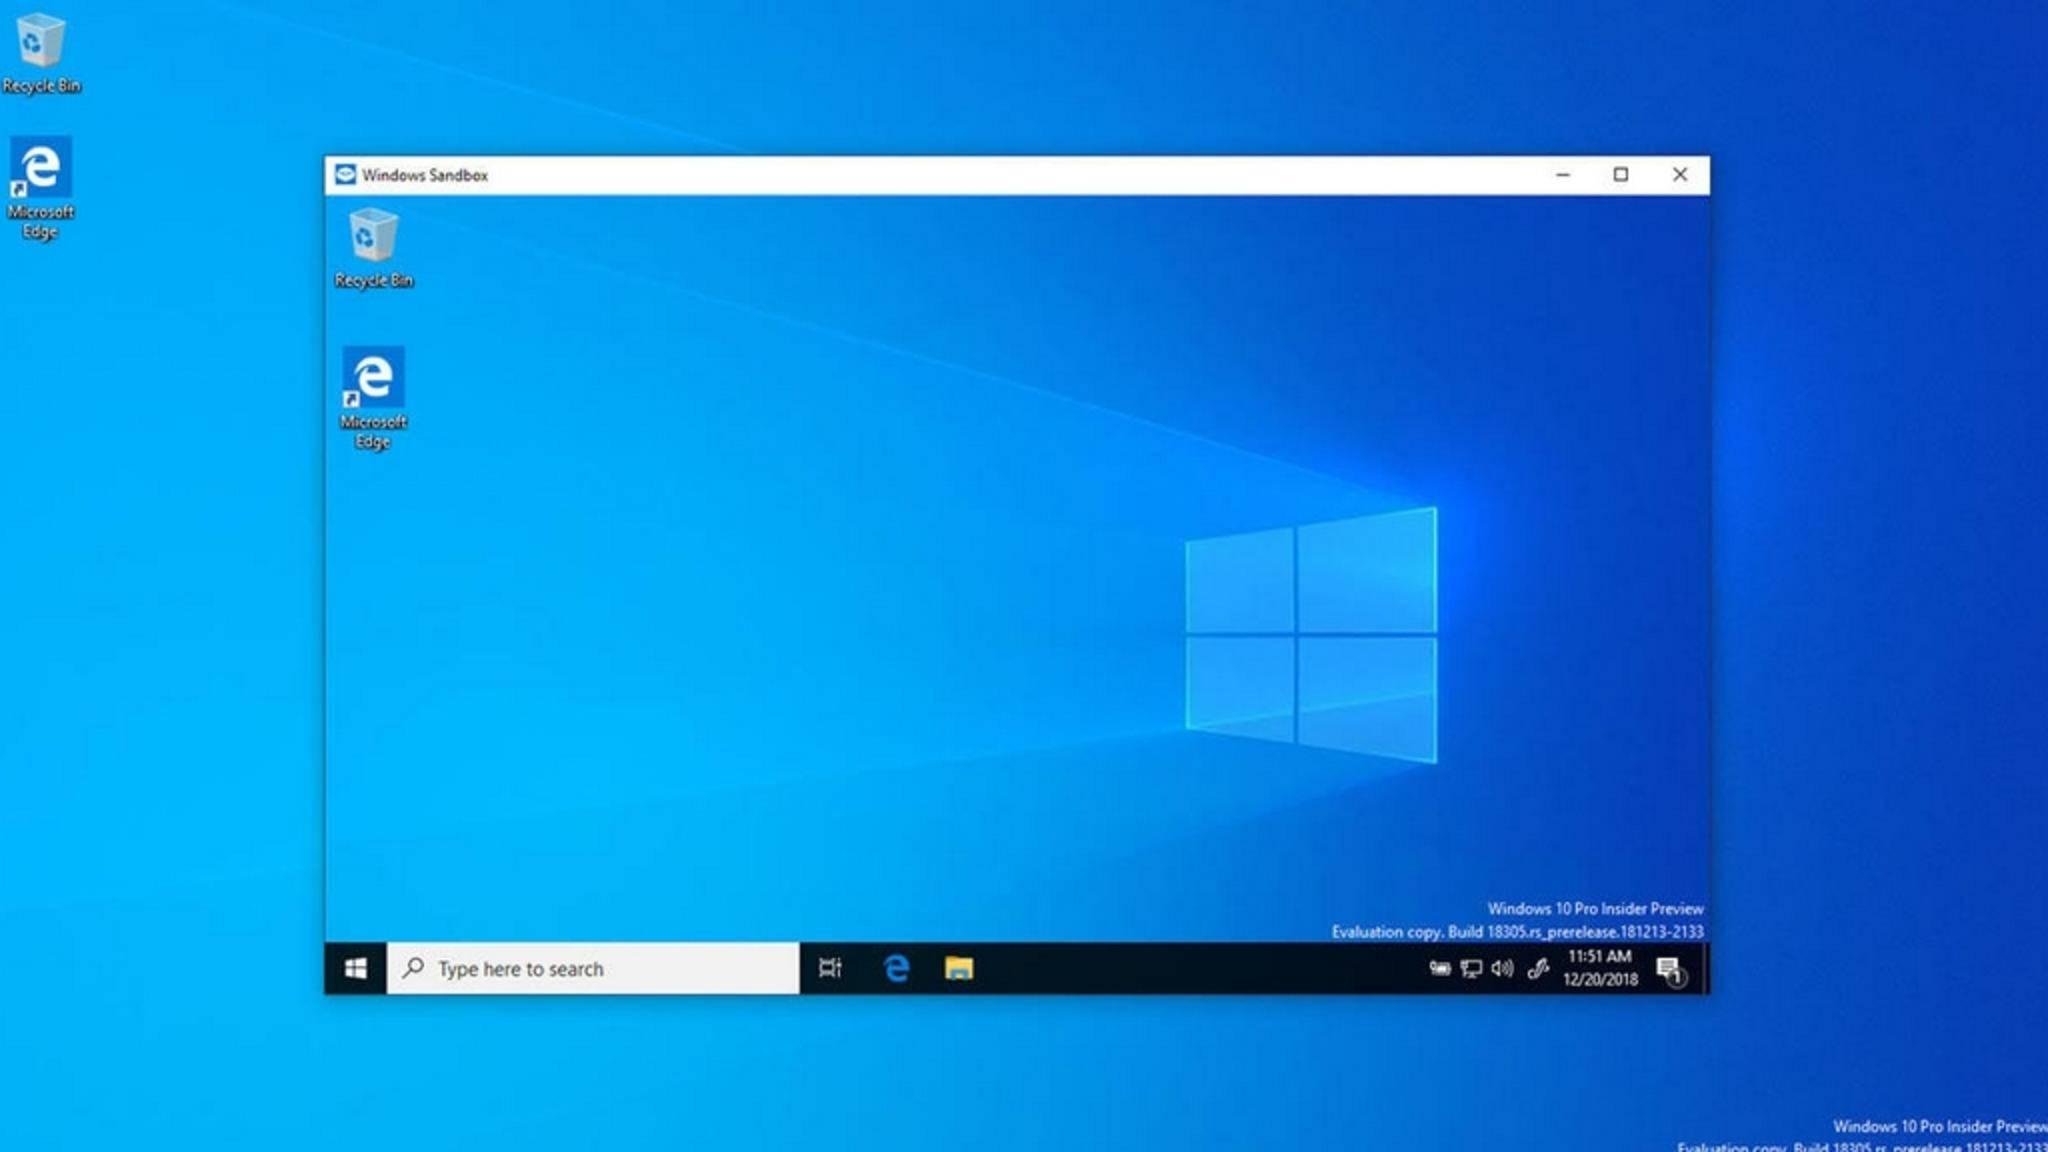 Die Windows Sandbox erlaubt es, Programme in sicherer und isolierter Umgebung auszuführen.